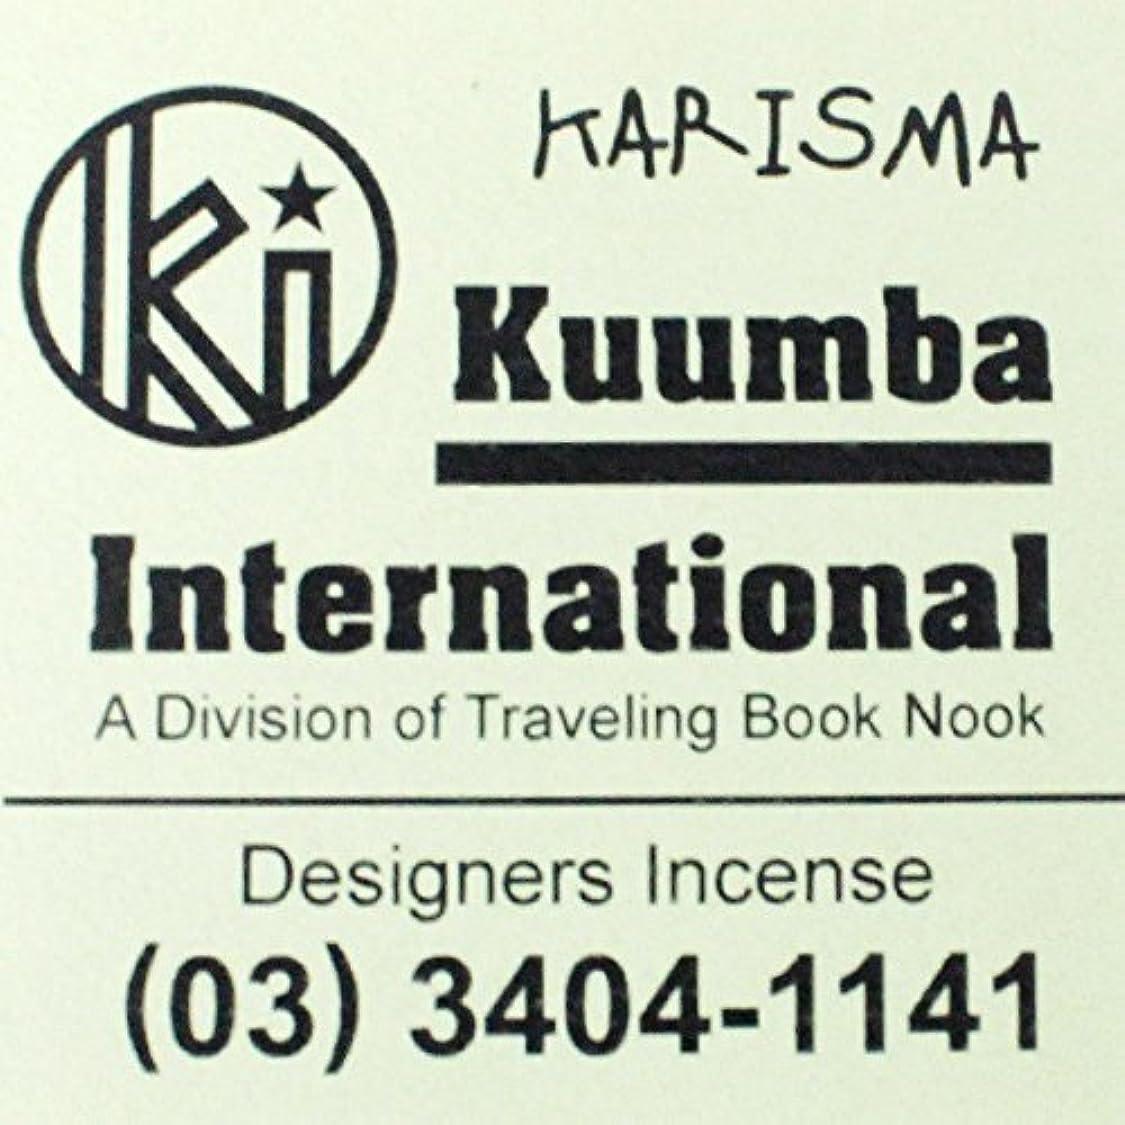 一晩振幅シニス(クンバ) KUUMBA『incense』(KARISMA) (Regular size)